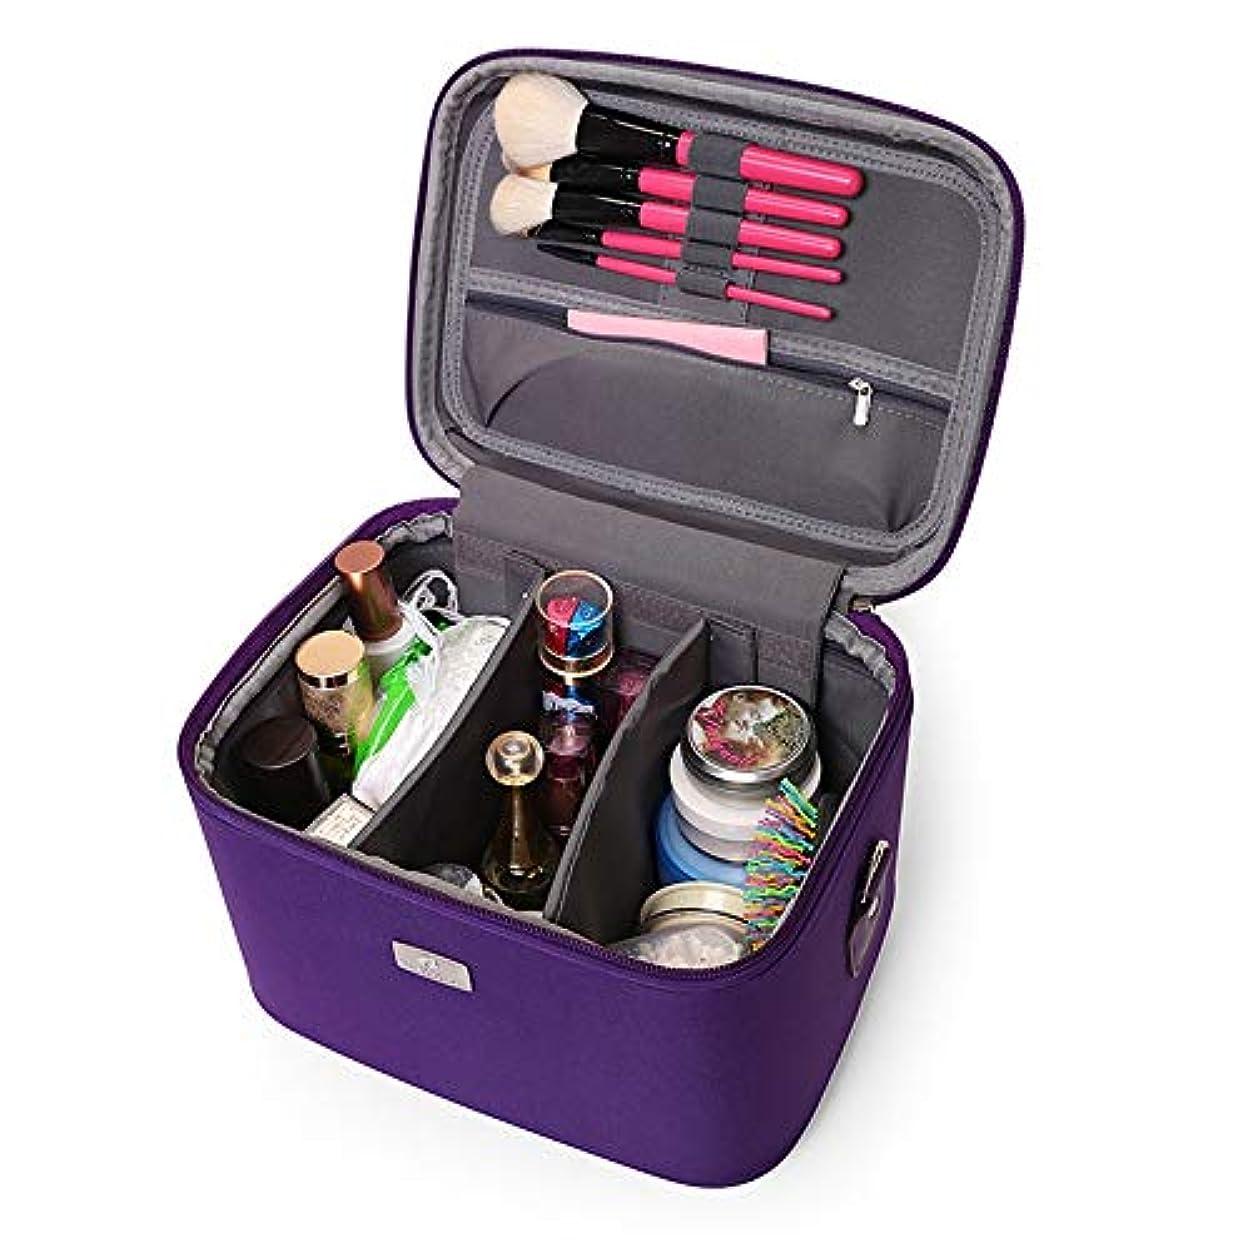 寛容な破壊的なトランスペアレント化粧オーガナイザーバッグ 14インチのメイクアップトラベルバッグPUレター防水化粧ケースのティーン女の子の女性アーティスト 化粧品ケース (色 : 紫の)